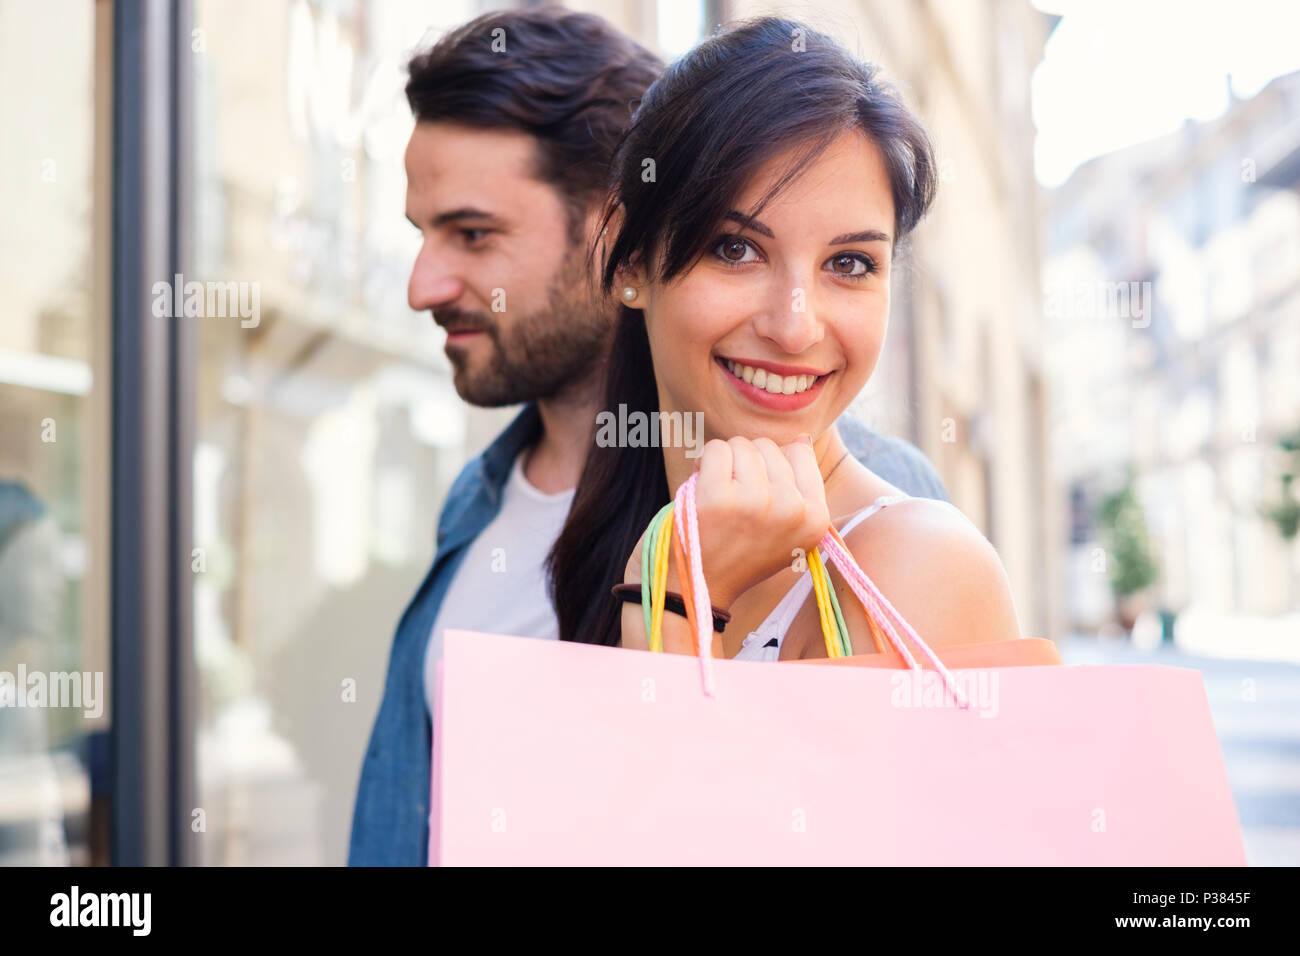 Junge glückliches Paar mit Tüten in der Stadt während der saisonalen Verkäufe Stockbild